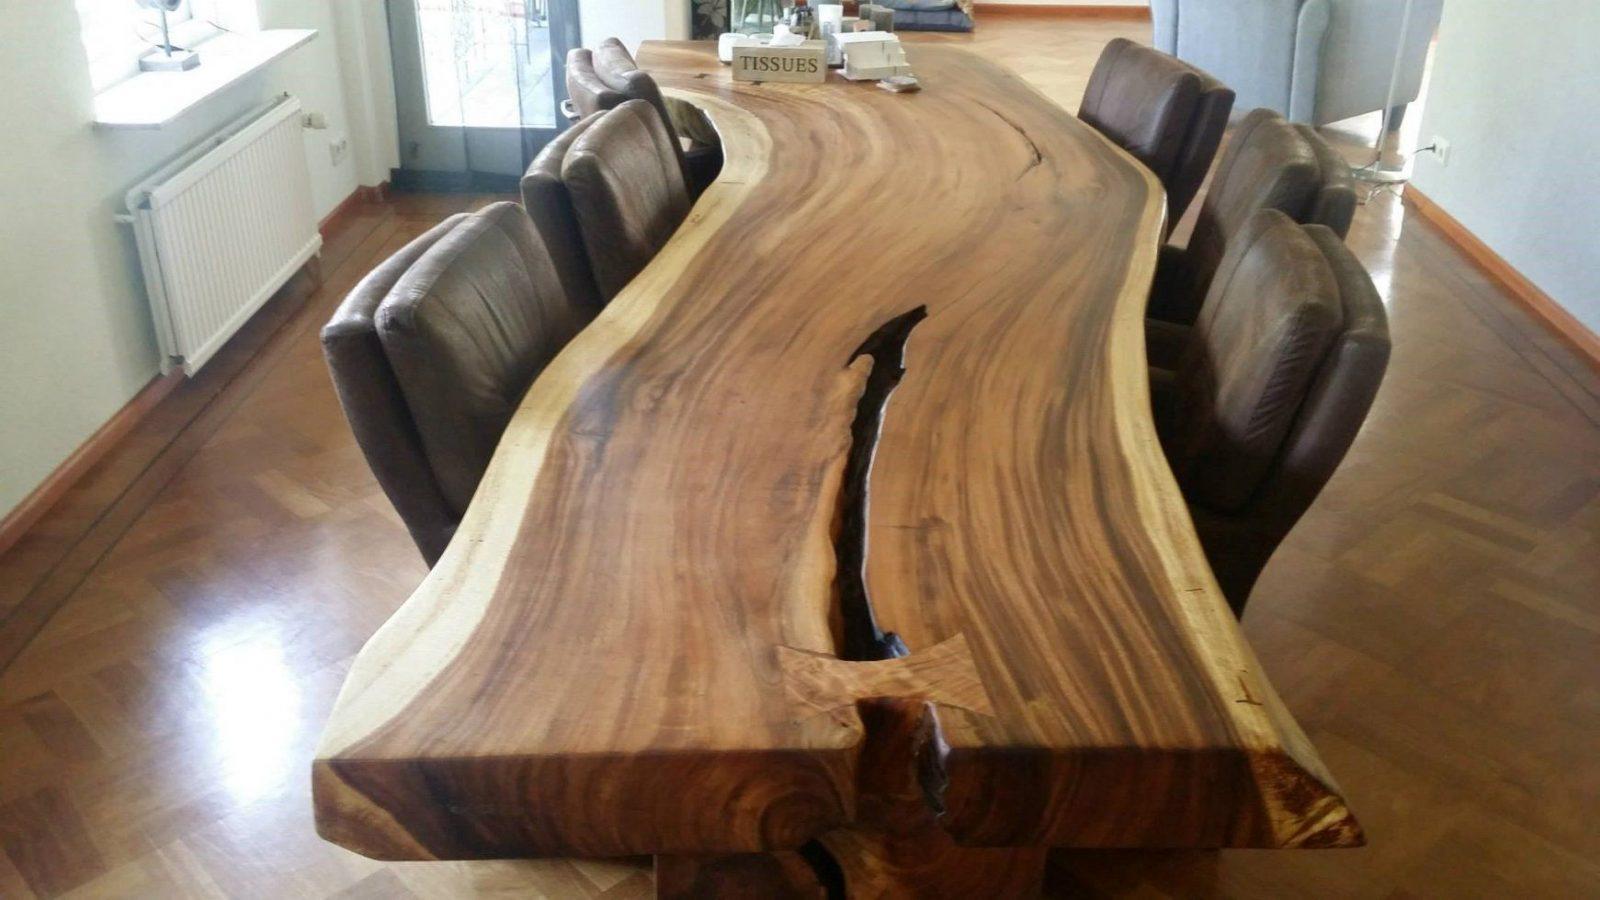 Esszimmer Ideen Hervorragend Esstisch Baumscheibe Ideen Tolle von Tisch Baumscheibe Selber Bauen Photo